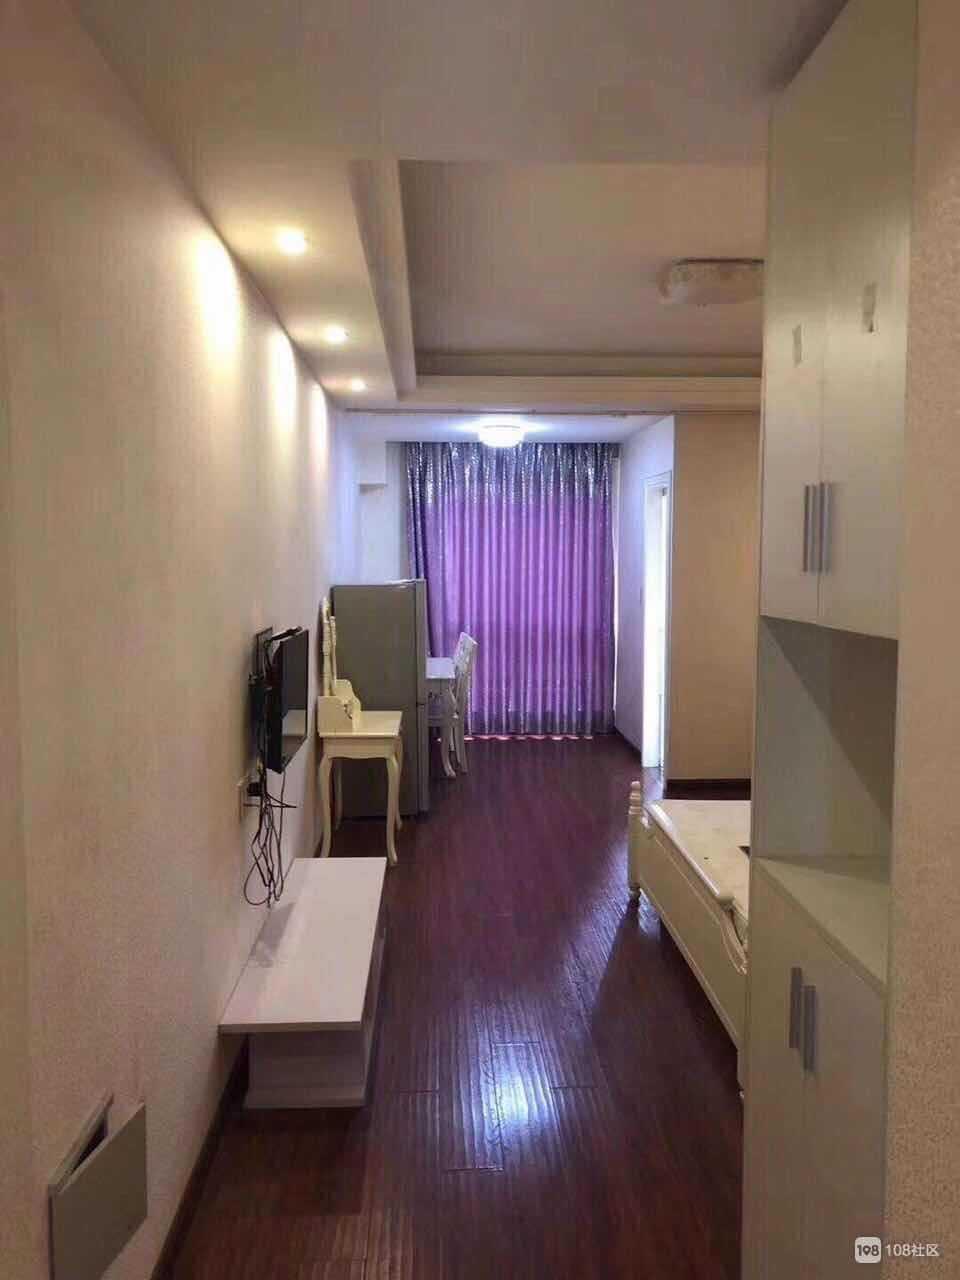 05307出租:金樽单身公寓 9楼 45平方 朝南精装修 拎包入住 ,家具家电齐全,1800/月 物业费房东出。 付六押一的实拍照片